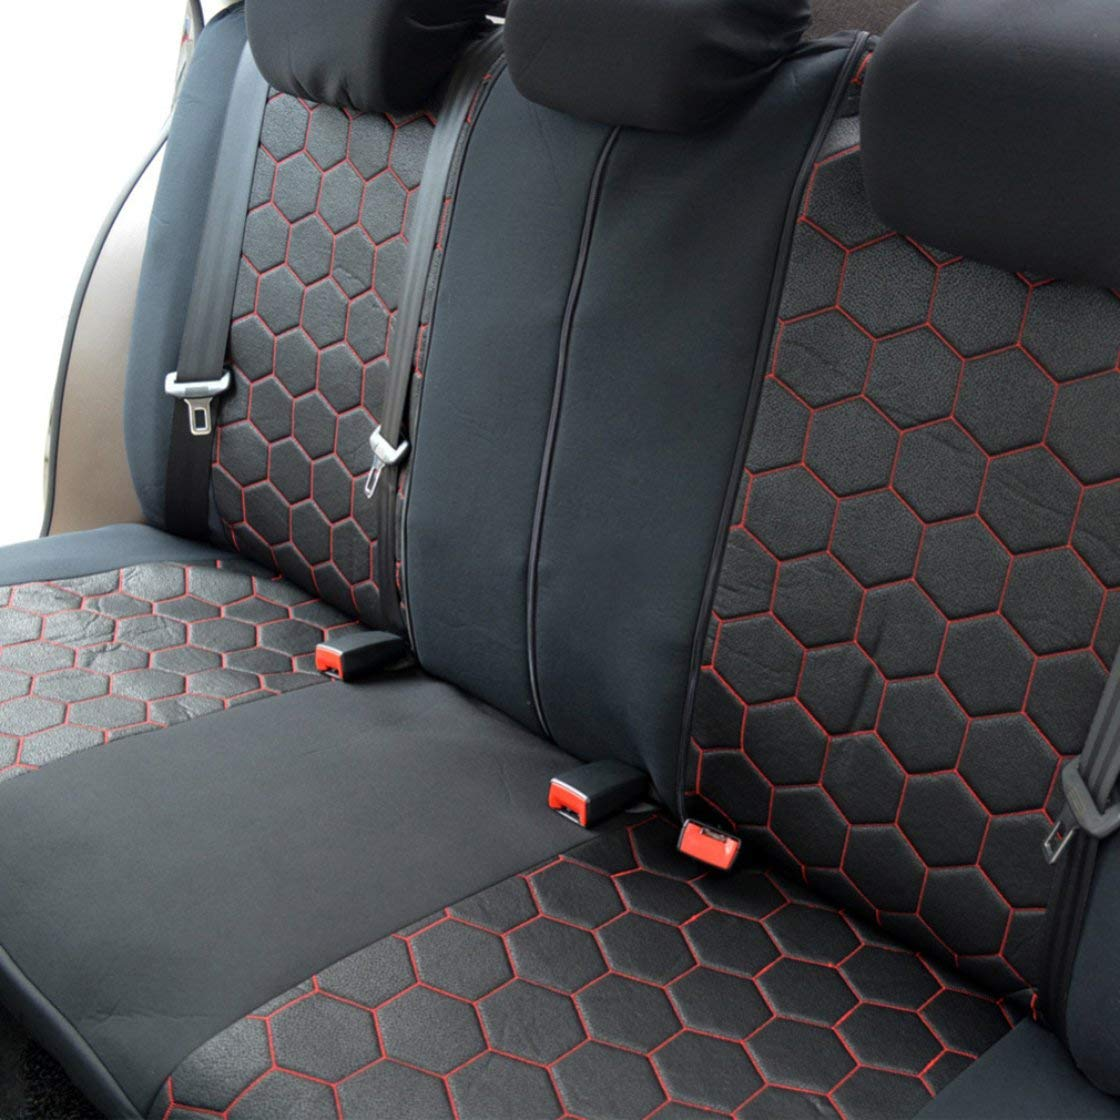 Poliestere 800g poggiatesta rimovibili Hexagon Style Auto Accessori per auto Interni Coprisedili e supporto Universale Fit Molti veicoli